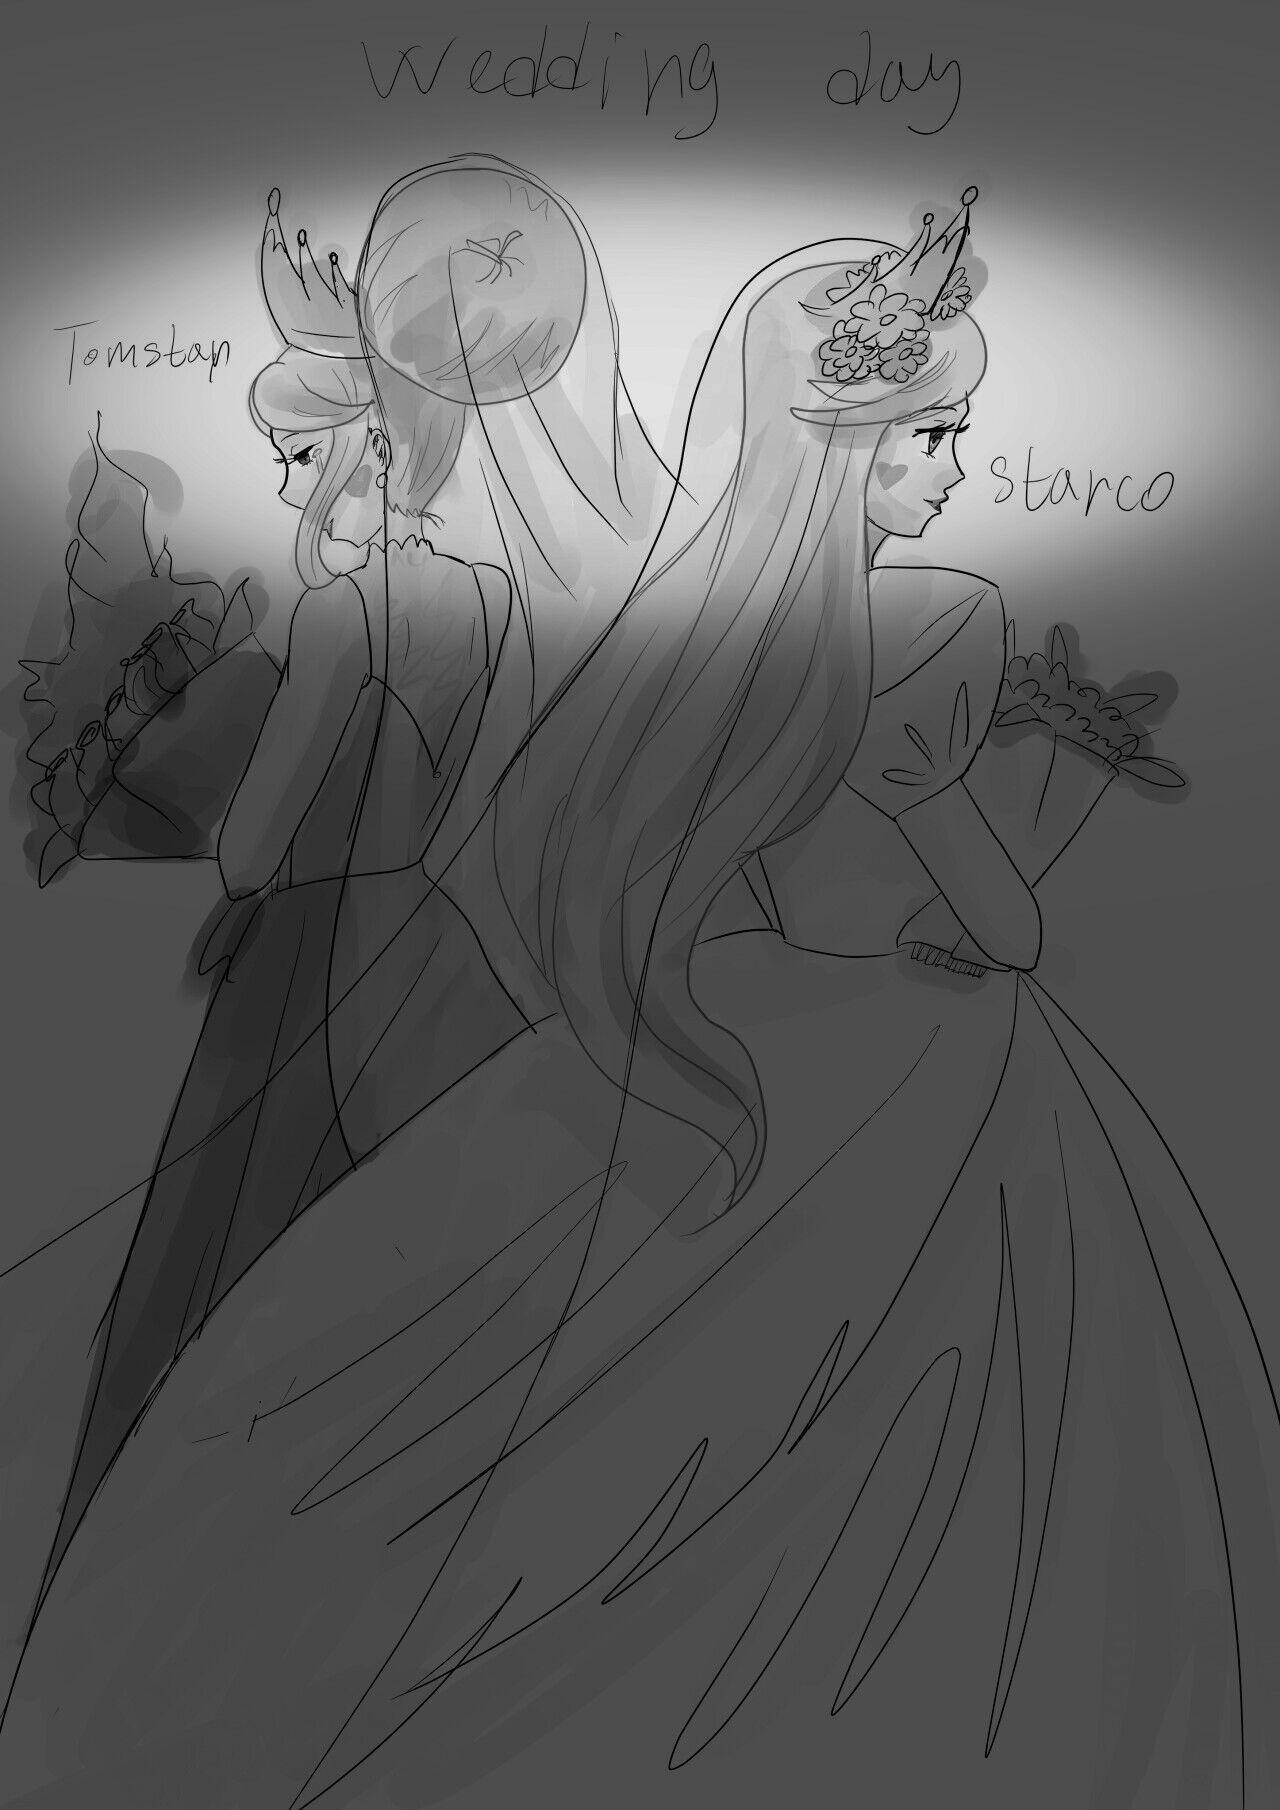 La princesa Star Buterrfly debe regresar a Mewni tras un año y medio